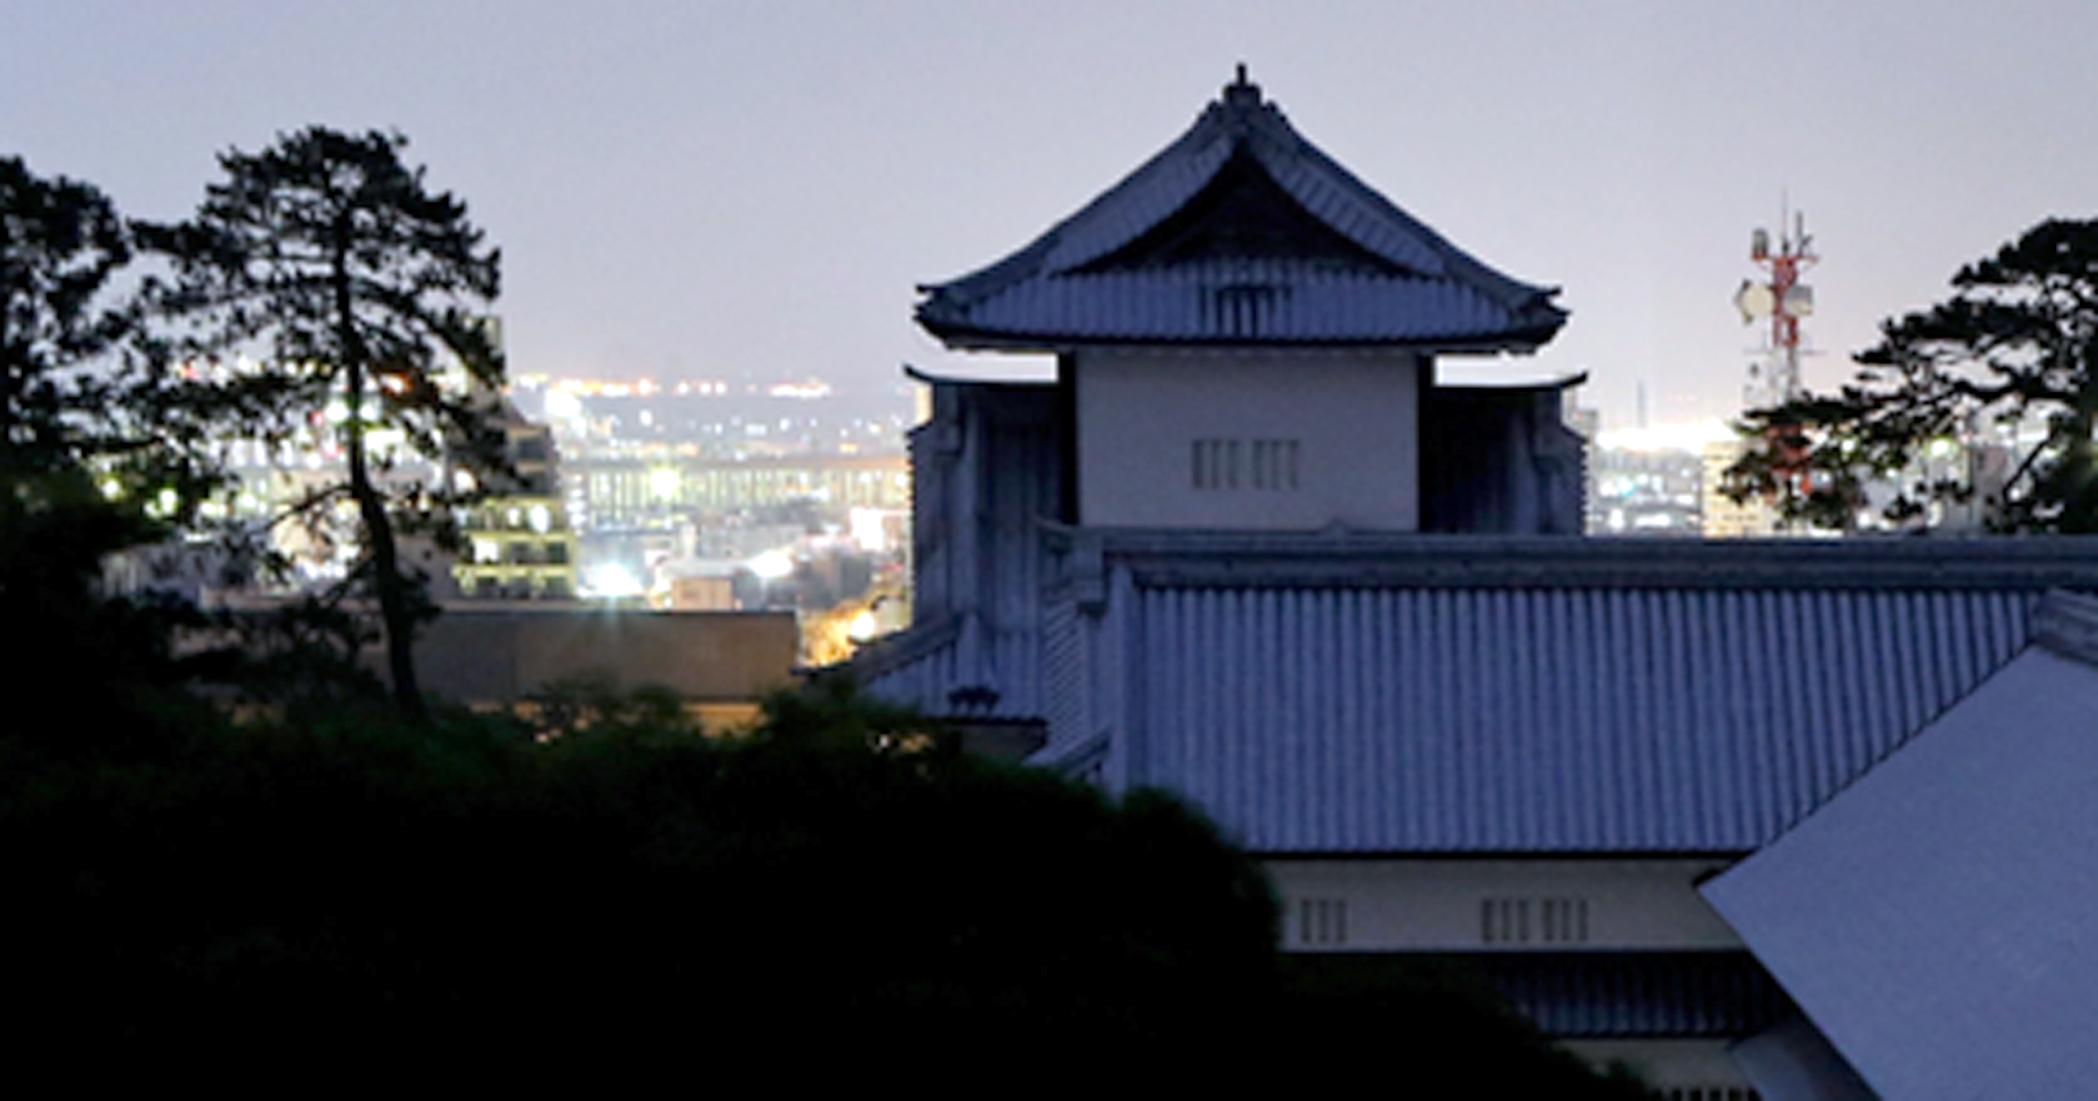 市街地の明かりで暗がりに浮かび上がる菱櫓=22日午後8時5分、金沢城公園